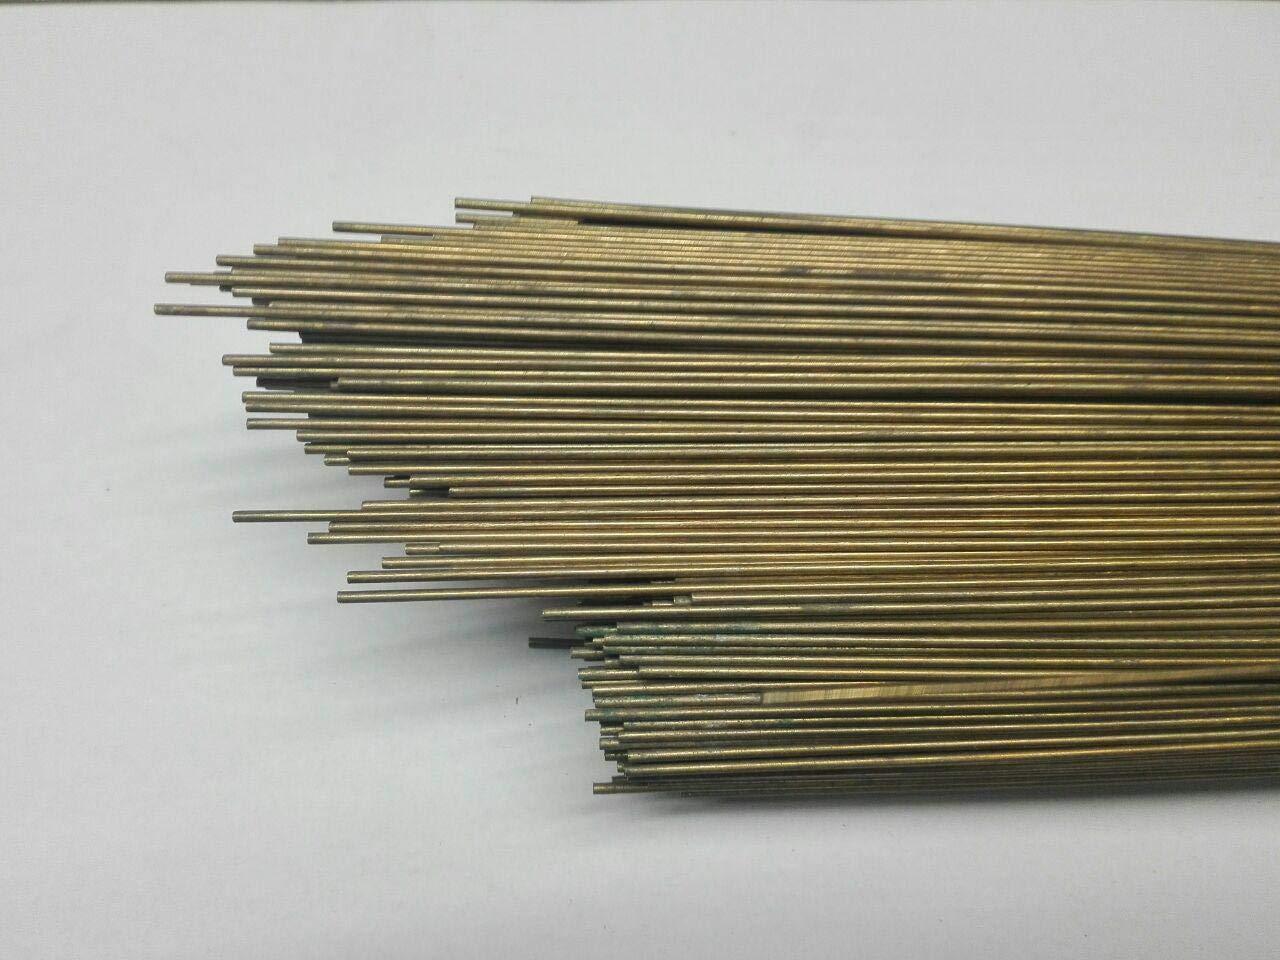 Tige ronde rigide Tige compl/ète  2 m Tige ronde en laiton Ms58//2.0401 /Ø 1,5-2 mm